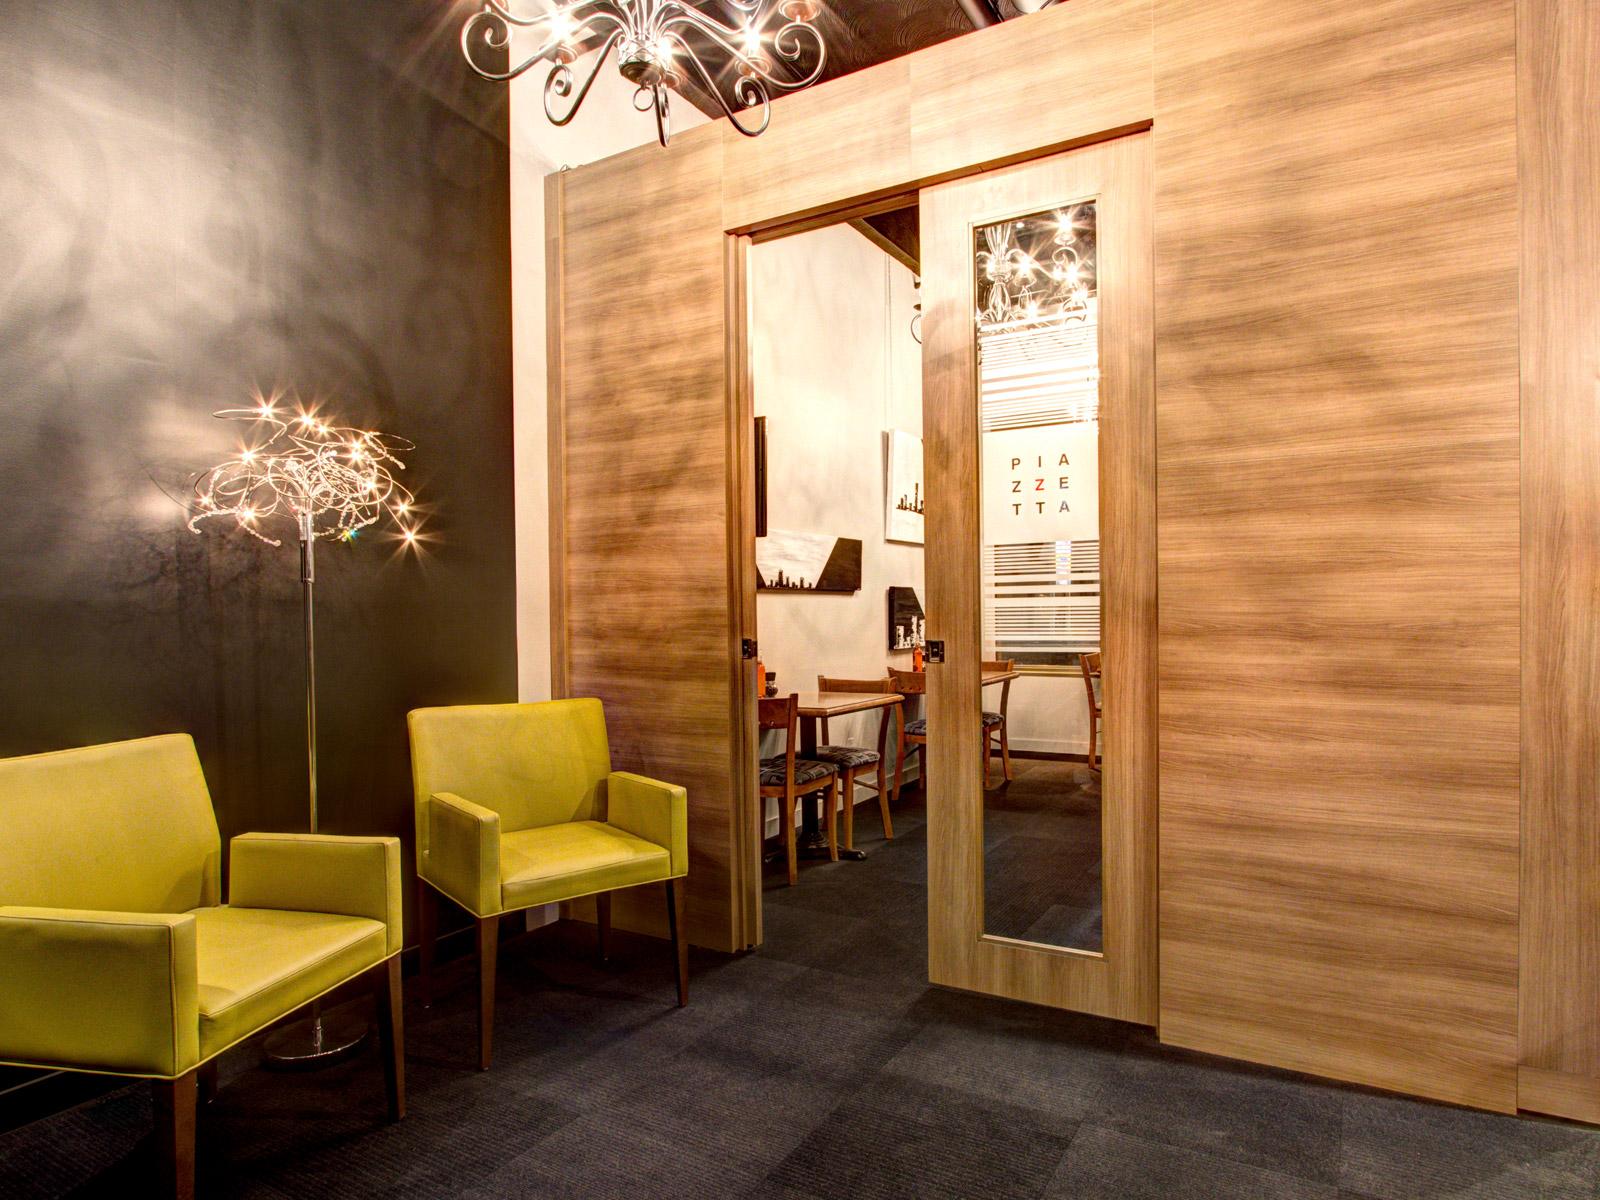 décoration d'intérieur restaurant Piazzetta Levis